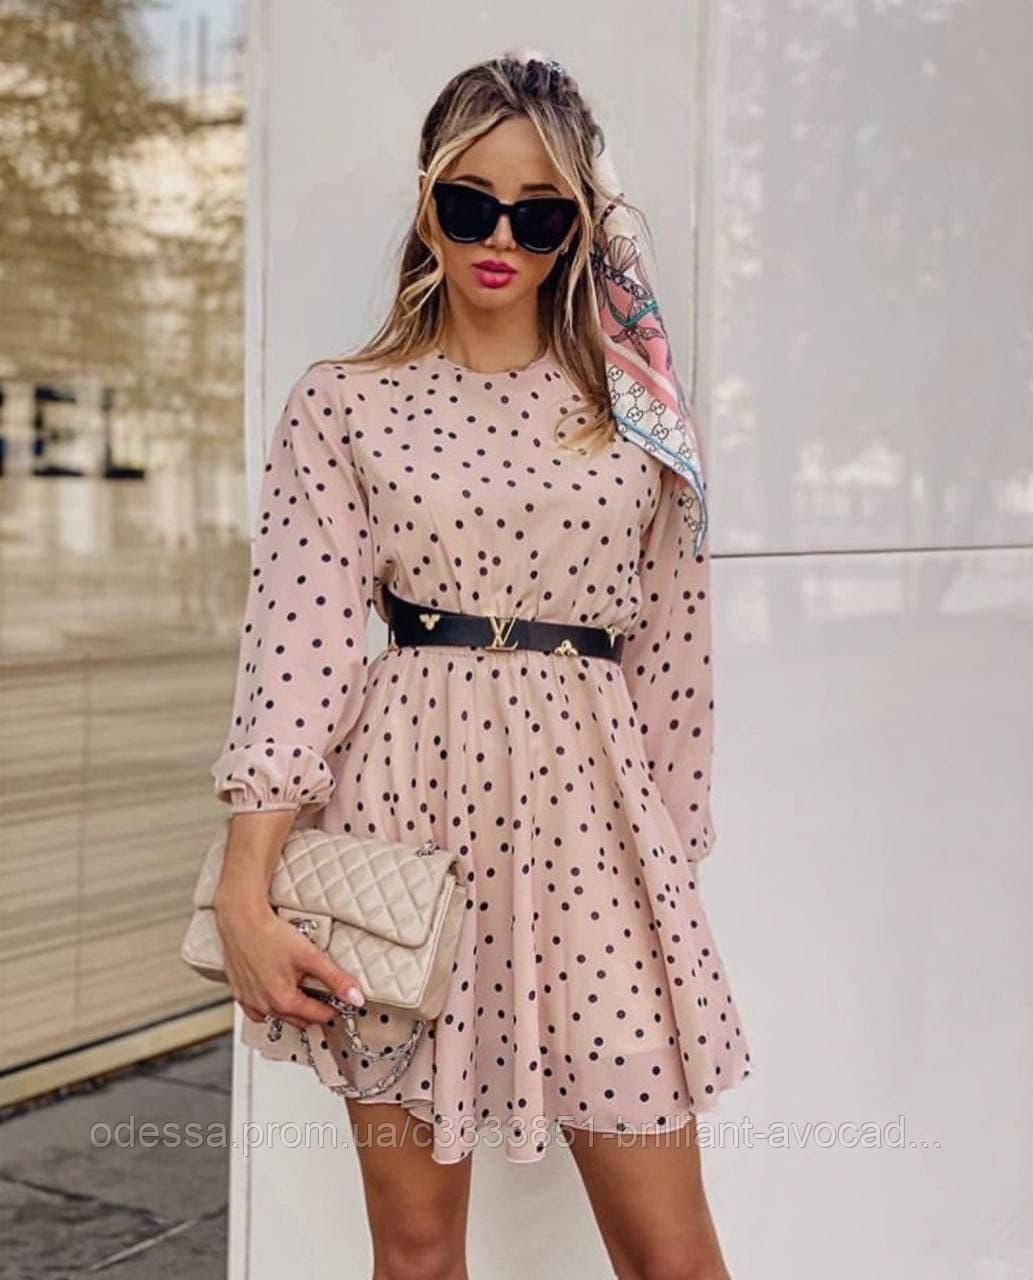 Жіноче літнє гарне плаття в горох з довгим рукавом